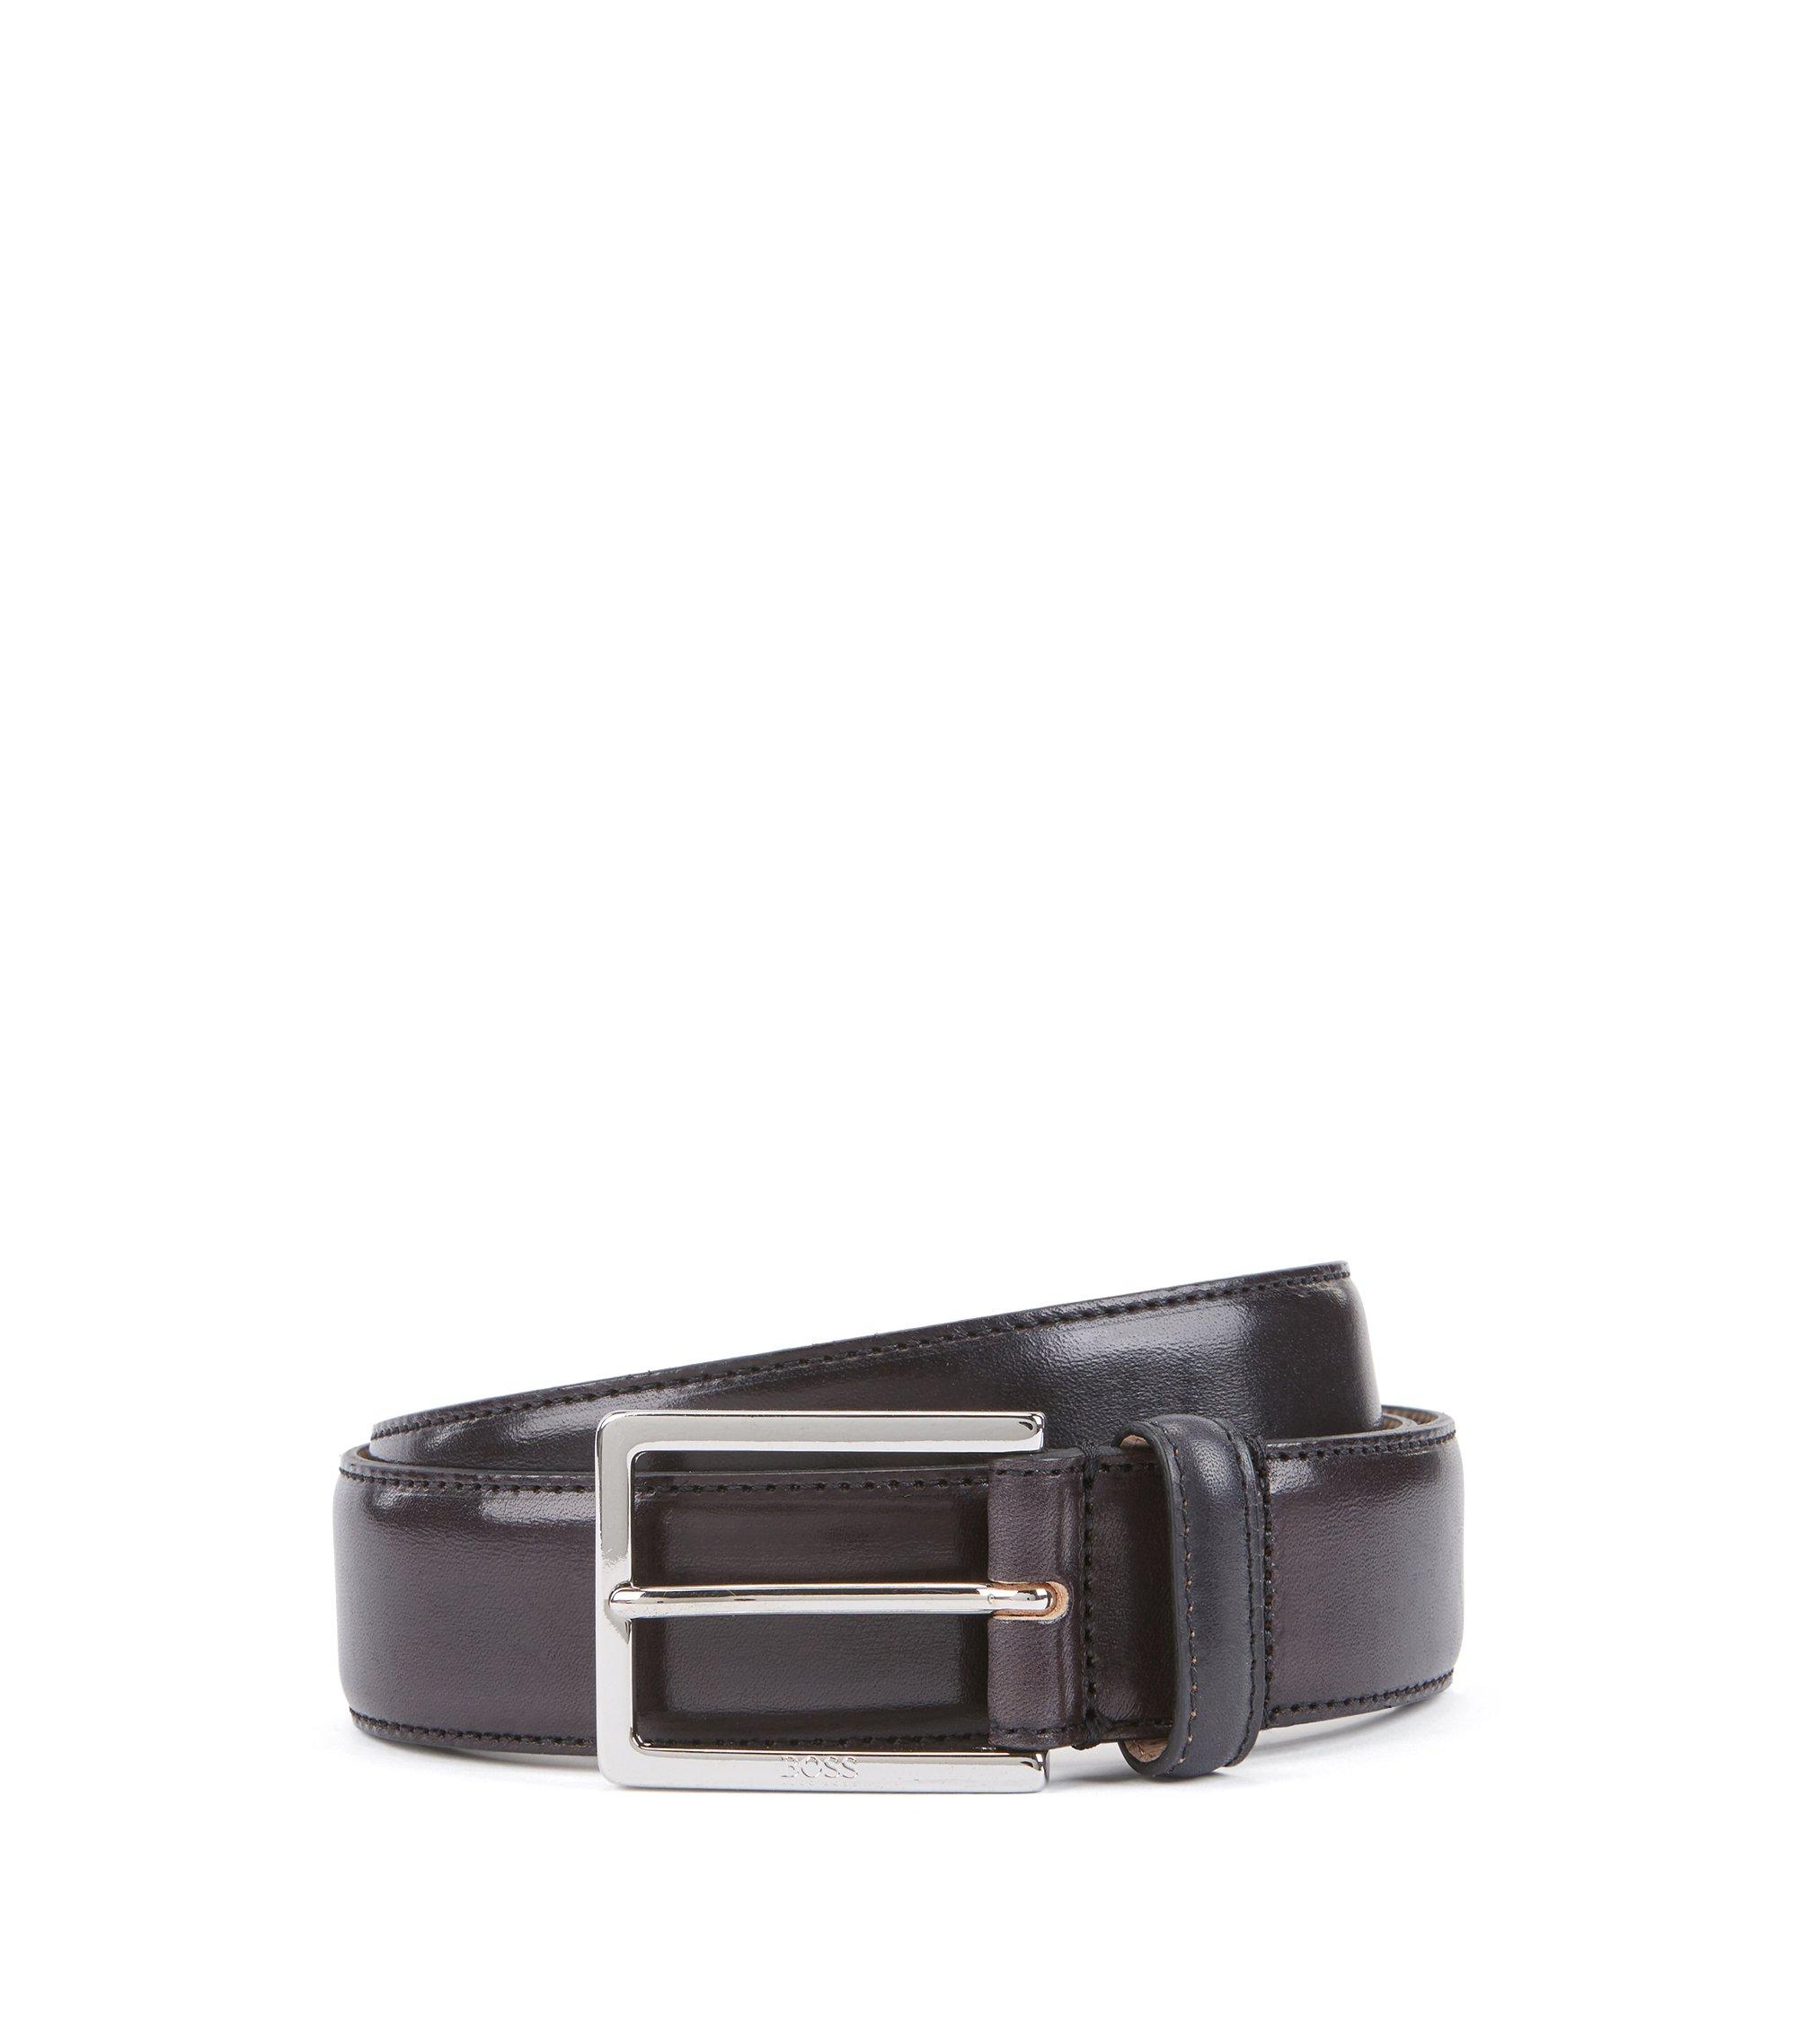 Eleganter Gürtel aus pflanzlich gegerbtem Leder mit gravierter Schließe, Schwarz